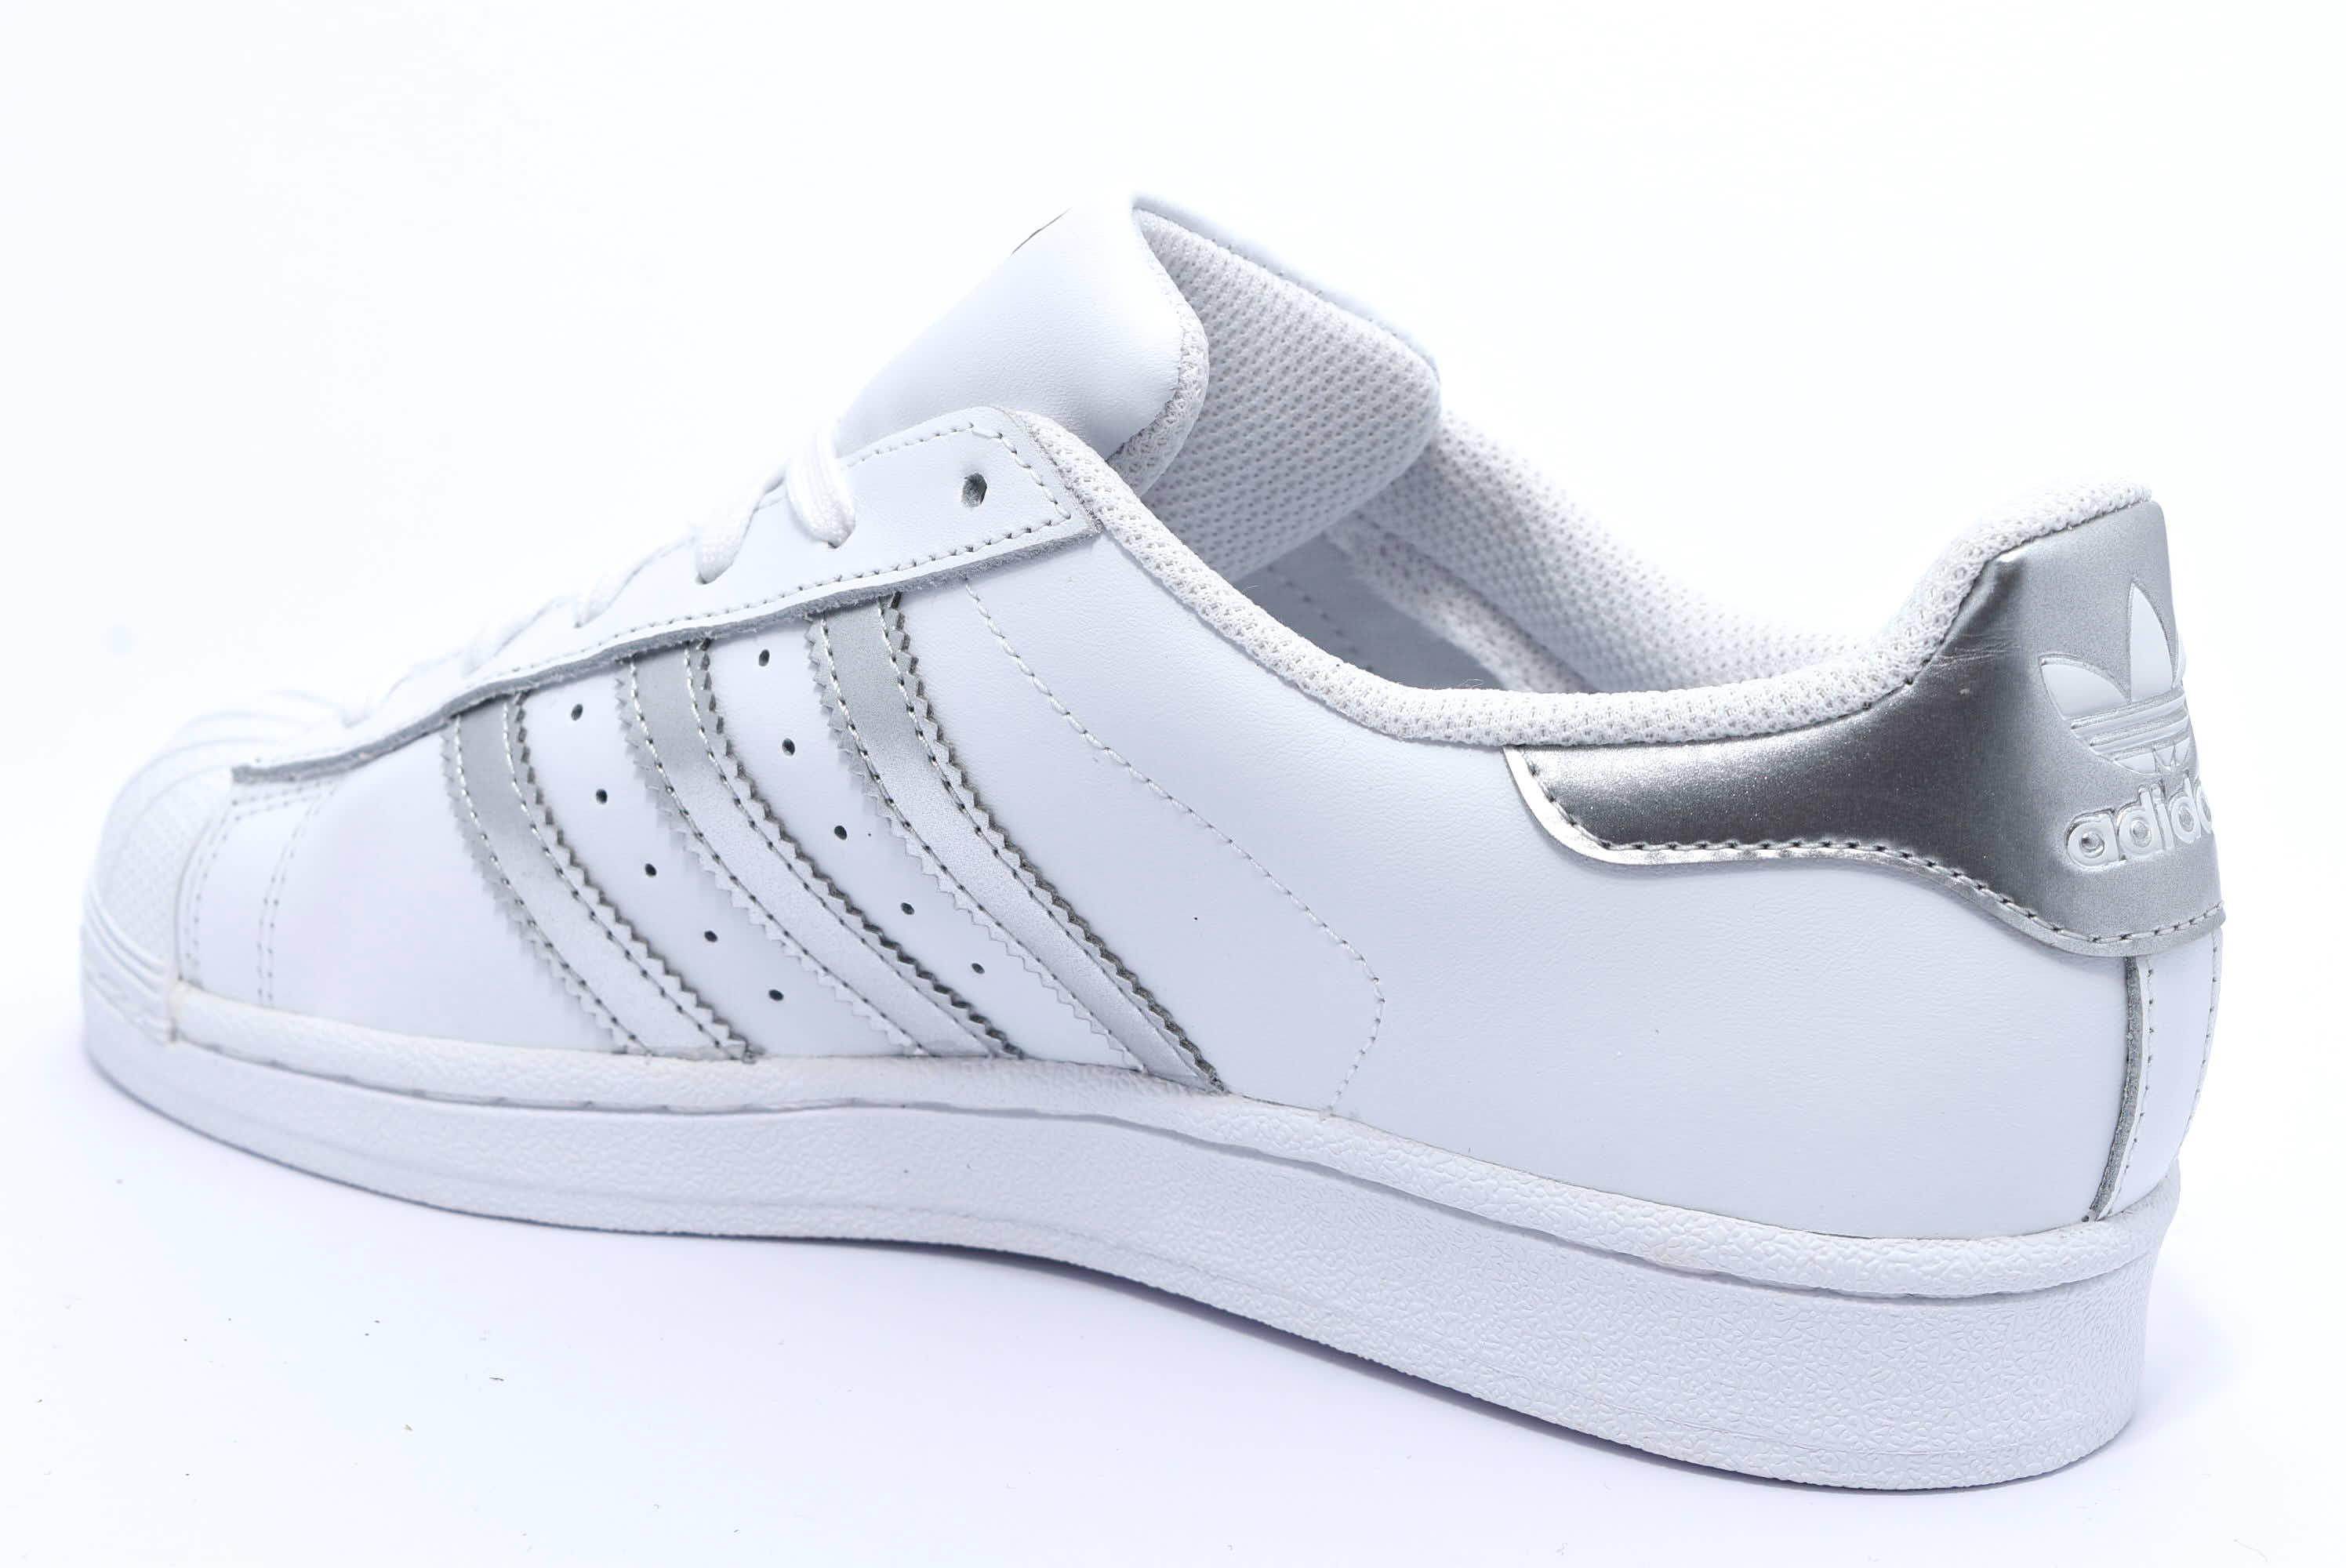 adidas donna scarpe argentate